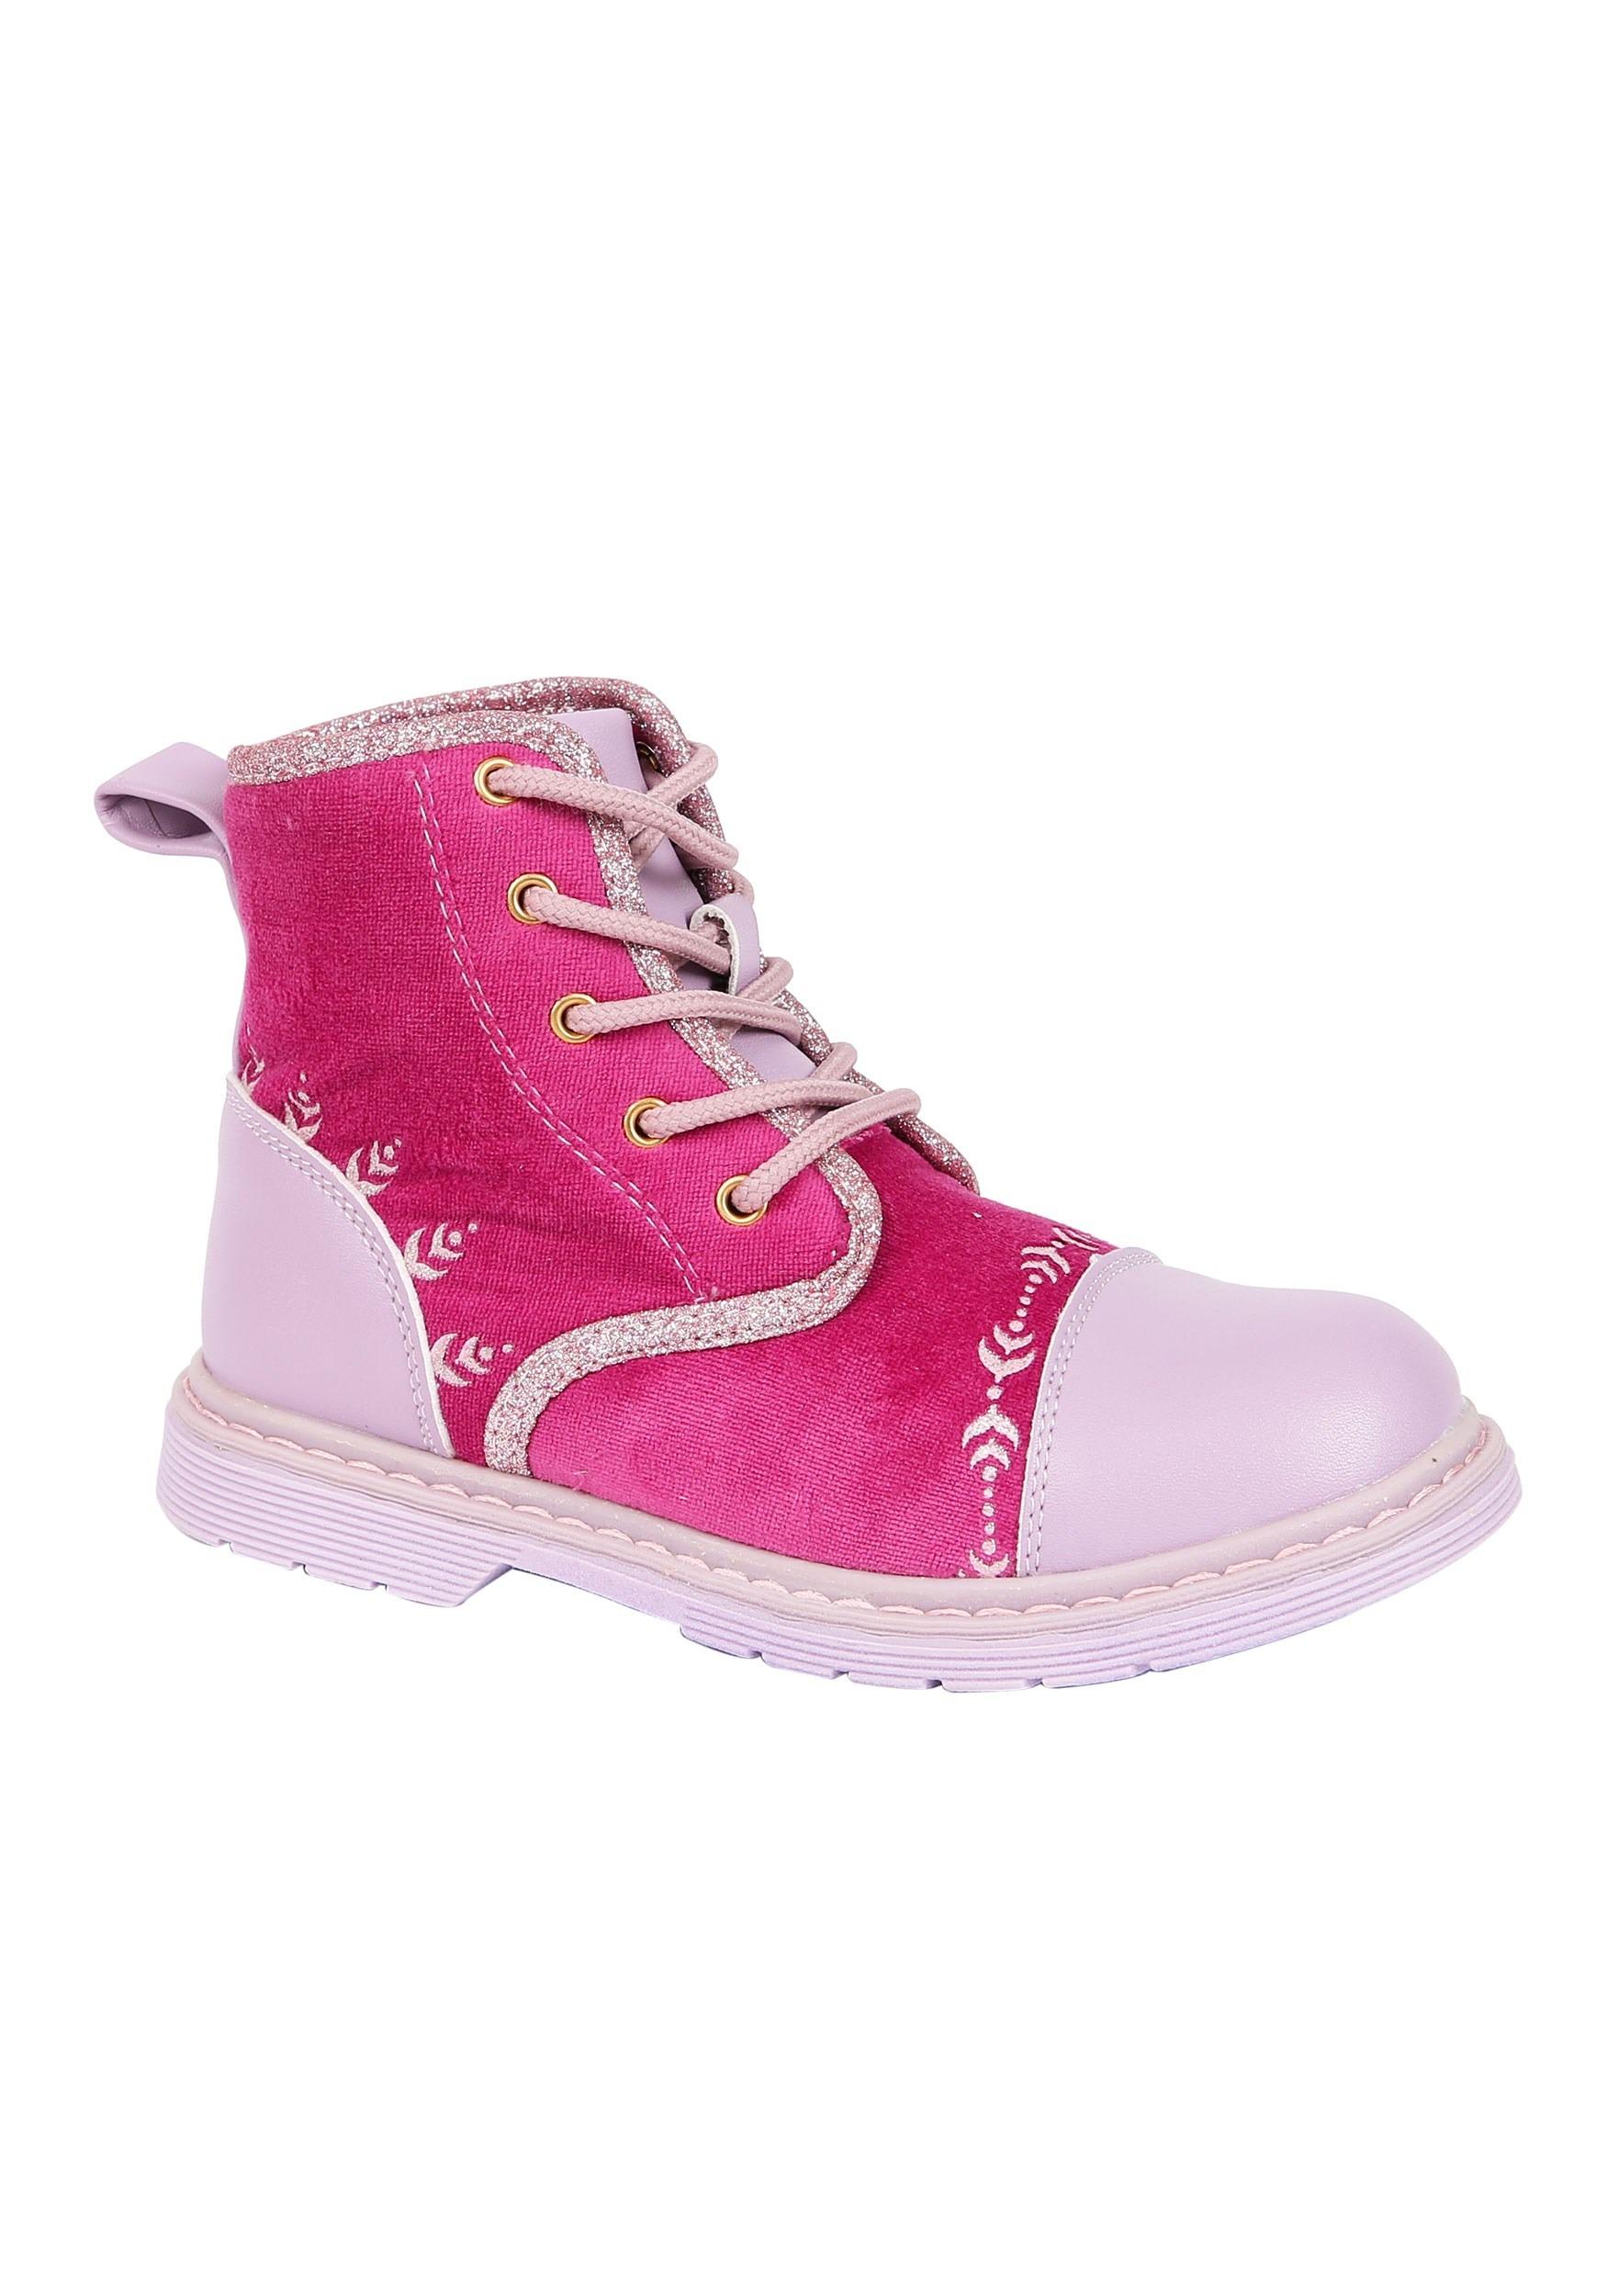 Frozen 2 Anna Boot for Girls